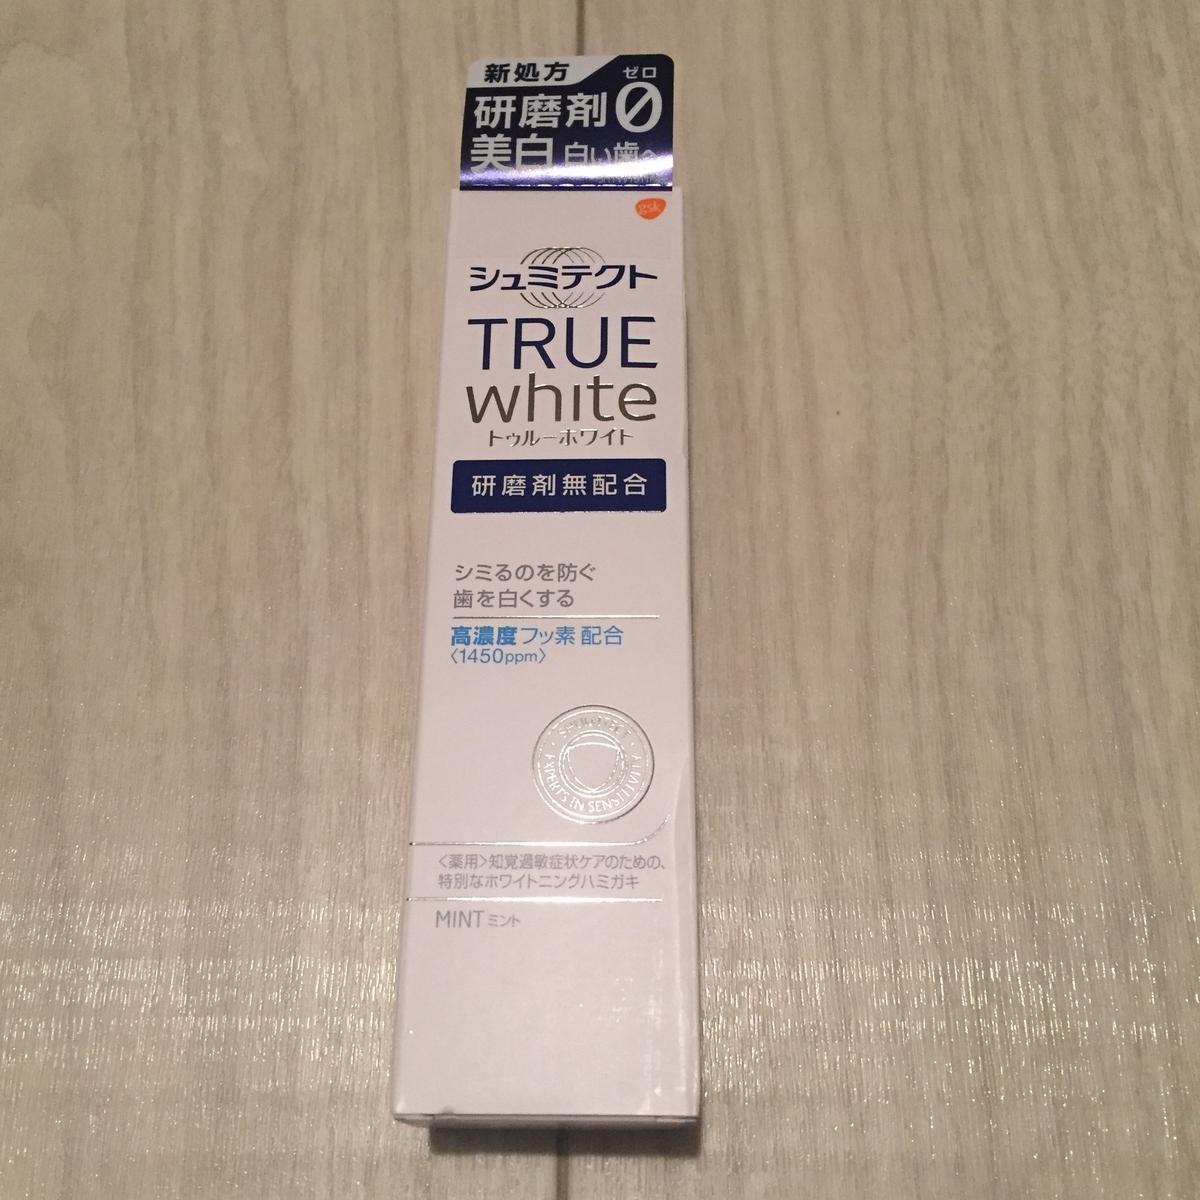 シュミテクト 歯磨き粉 研磨剤 歯ブラシ IQ 賢い プレミオ